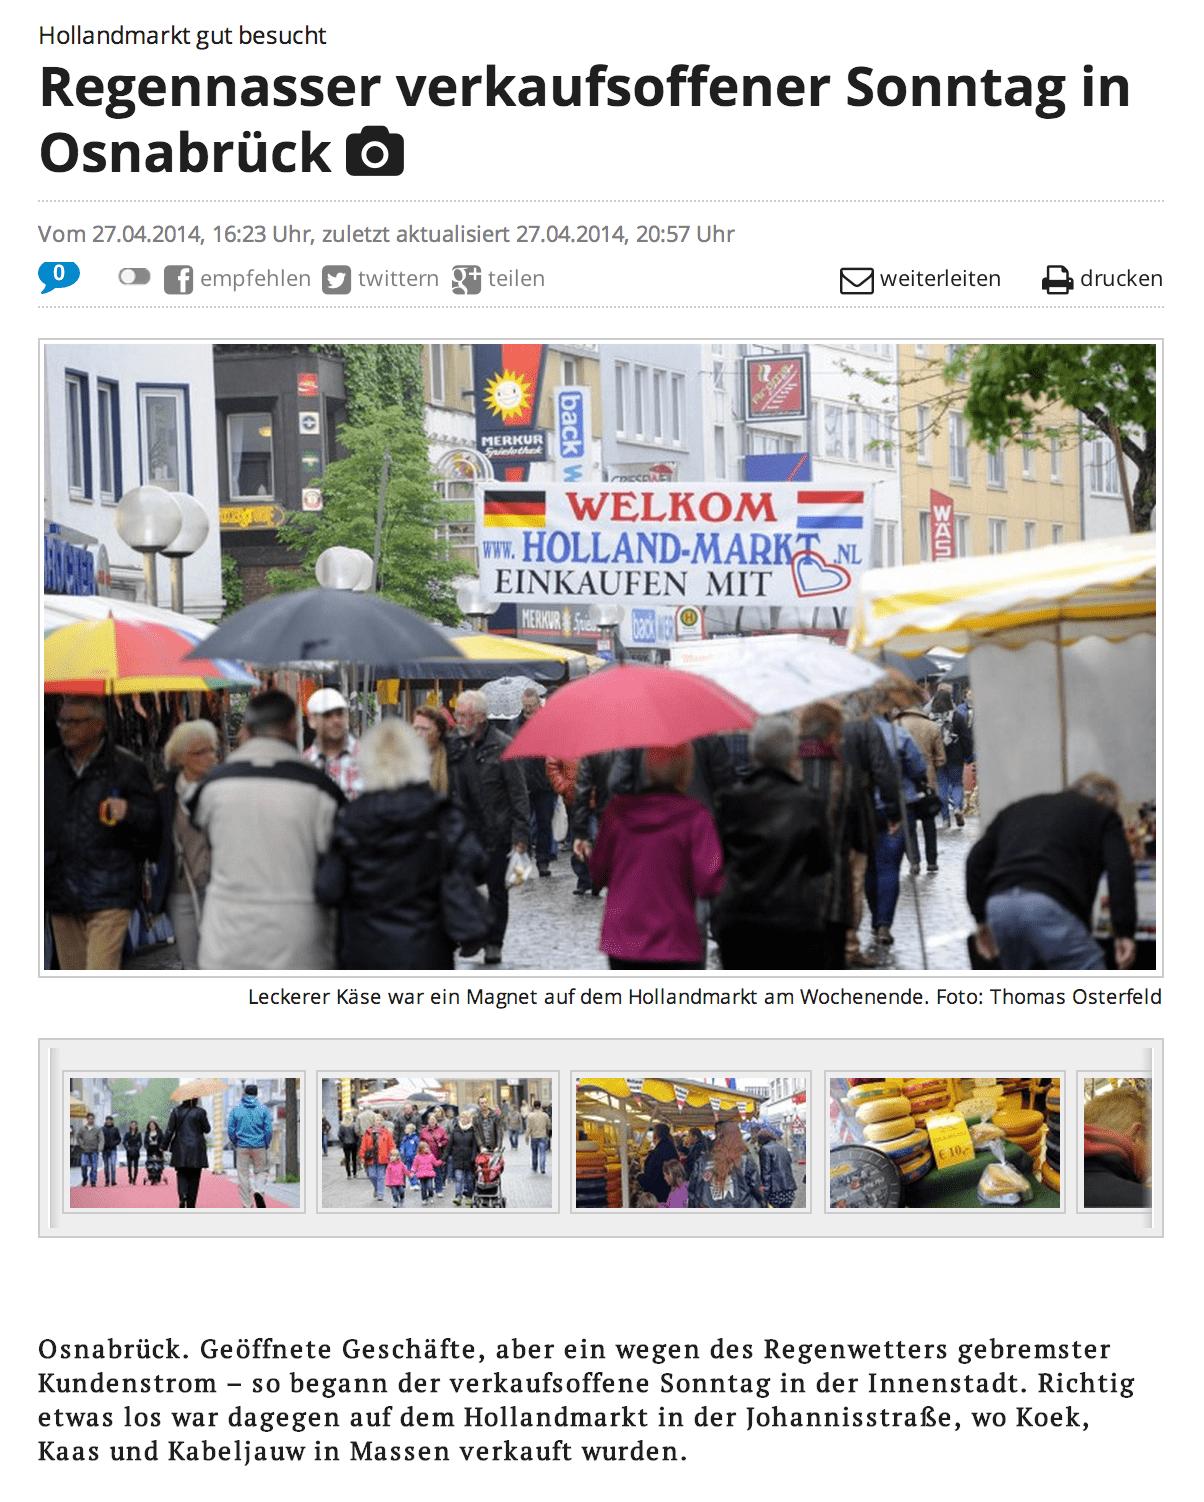 Osnabruck1